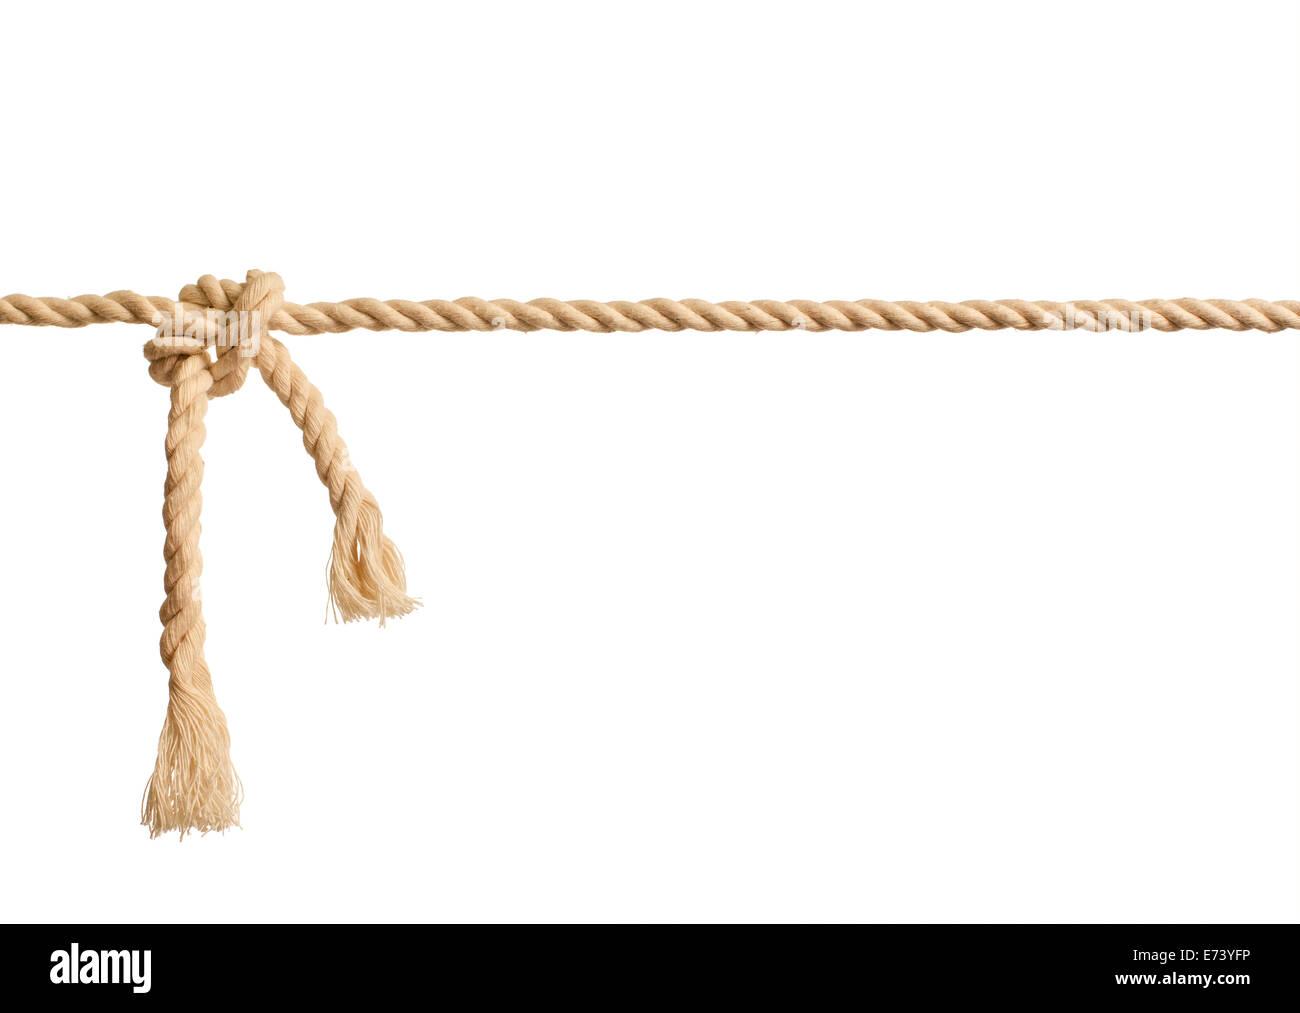 Nudo de cuerda sobre fondo blanco. Imagen De Stock